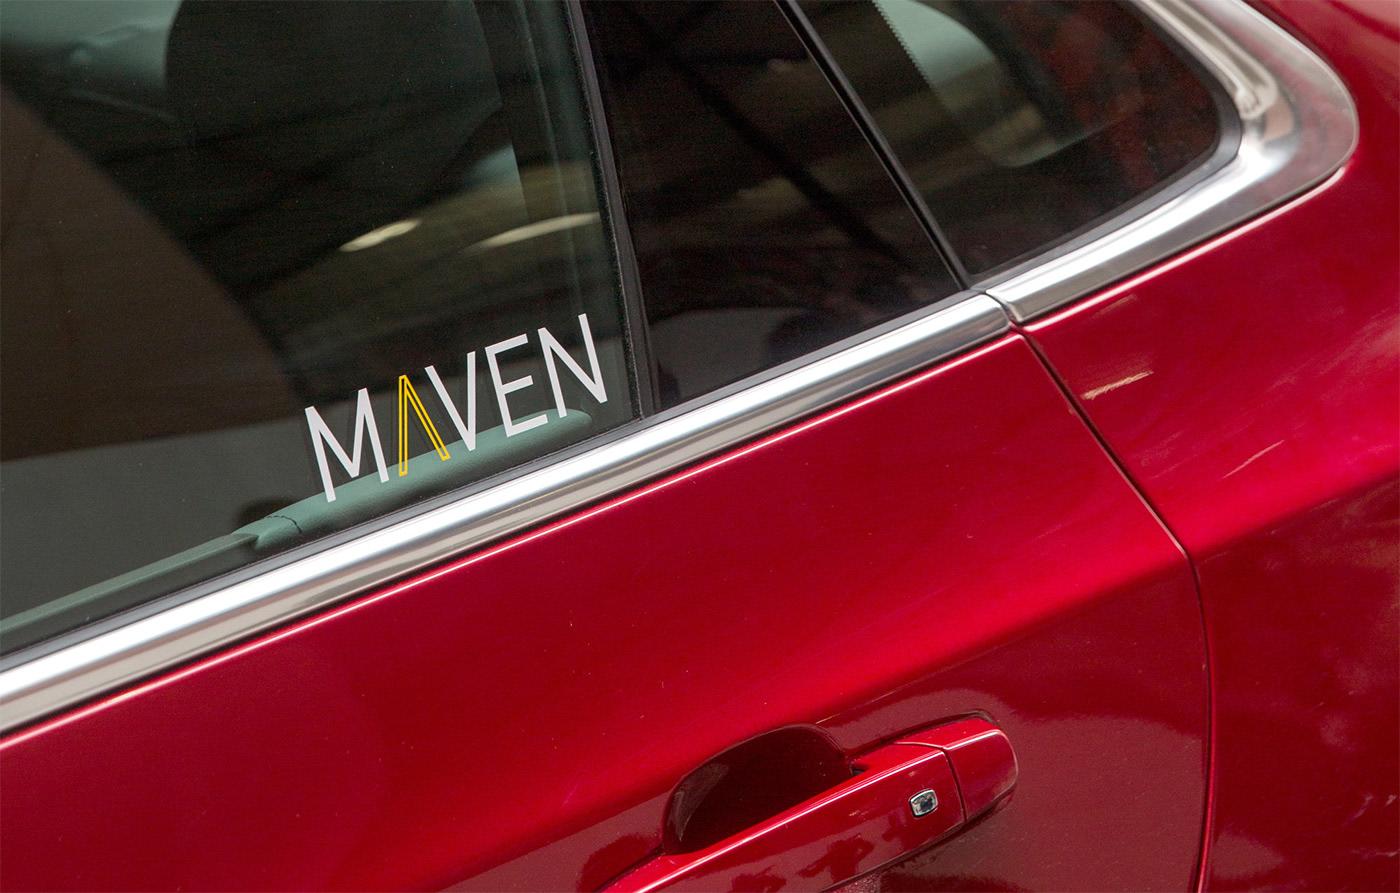 gm 39 s 39 maven 39 car sharing service lands in san francisco. Black Bedroom Furniture Sets. Home Design Ideas